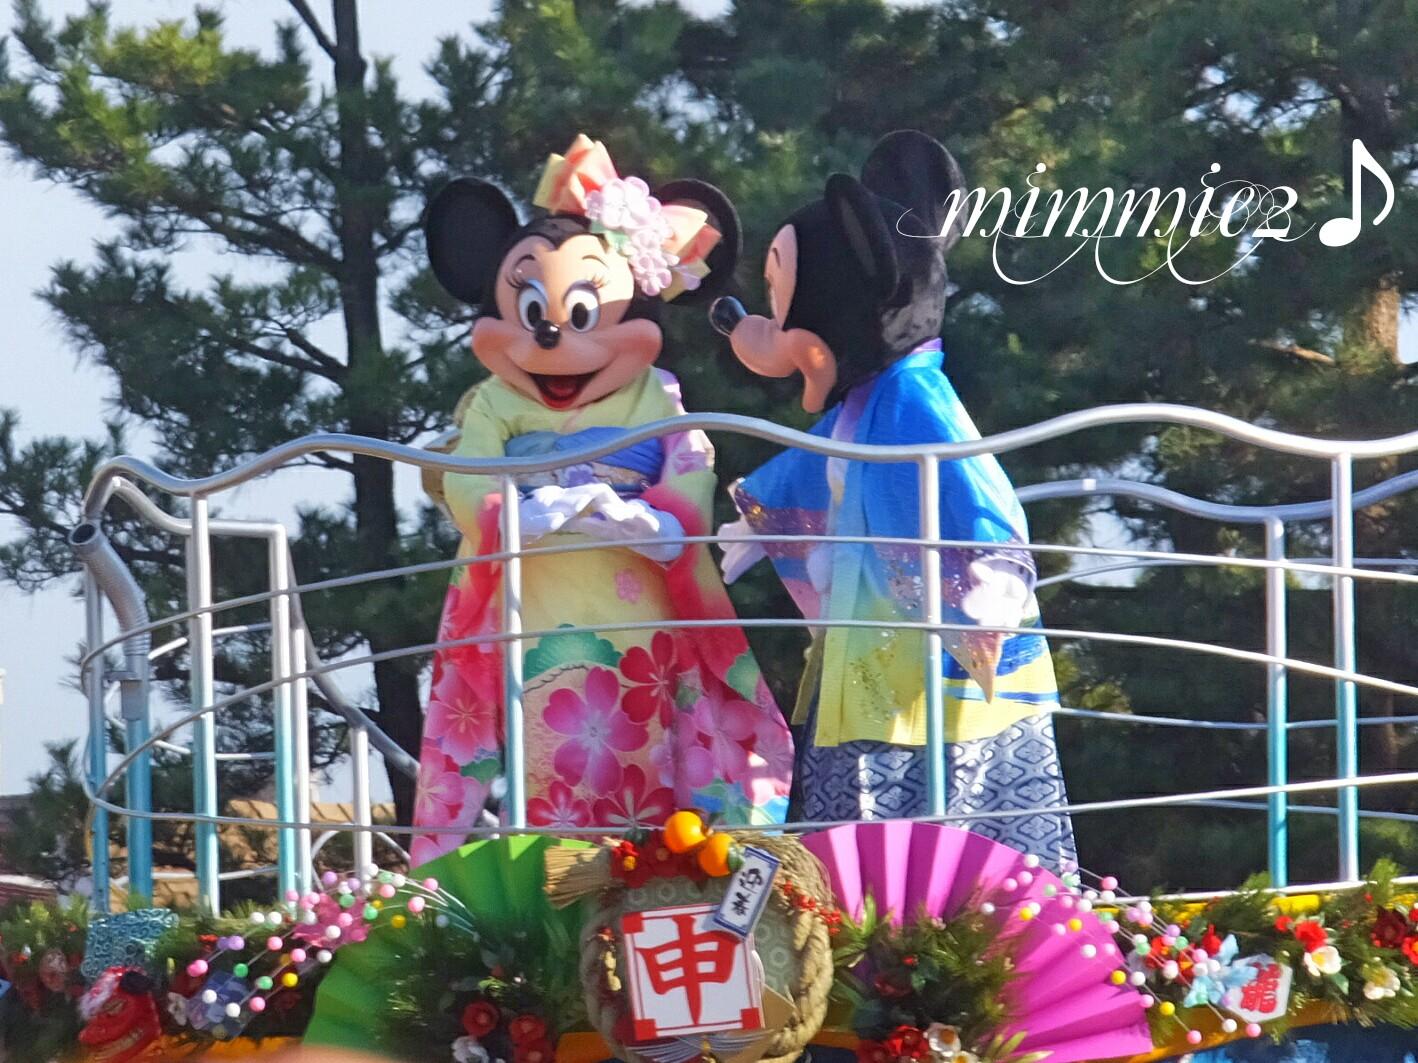 ニューイヤーズ・グリーティング☆ランド(ミッキー&ミニー)